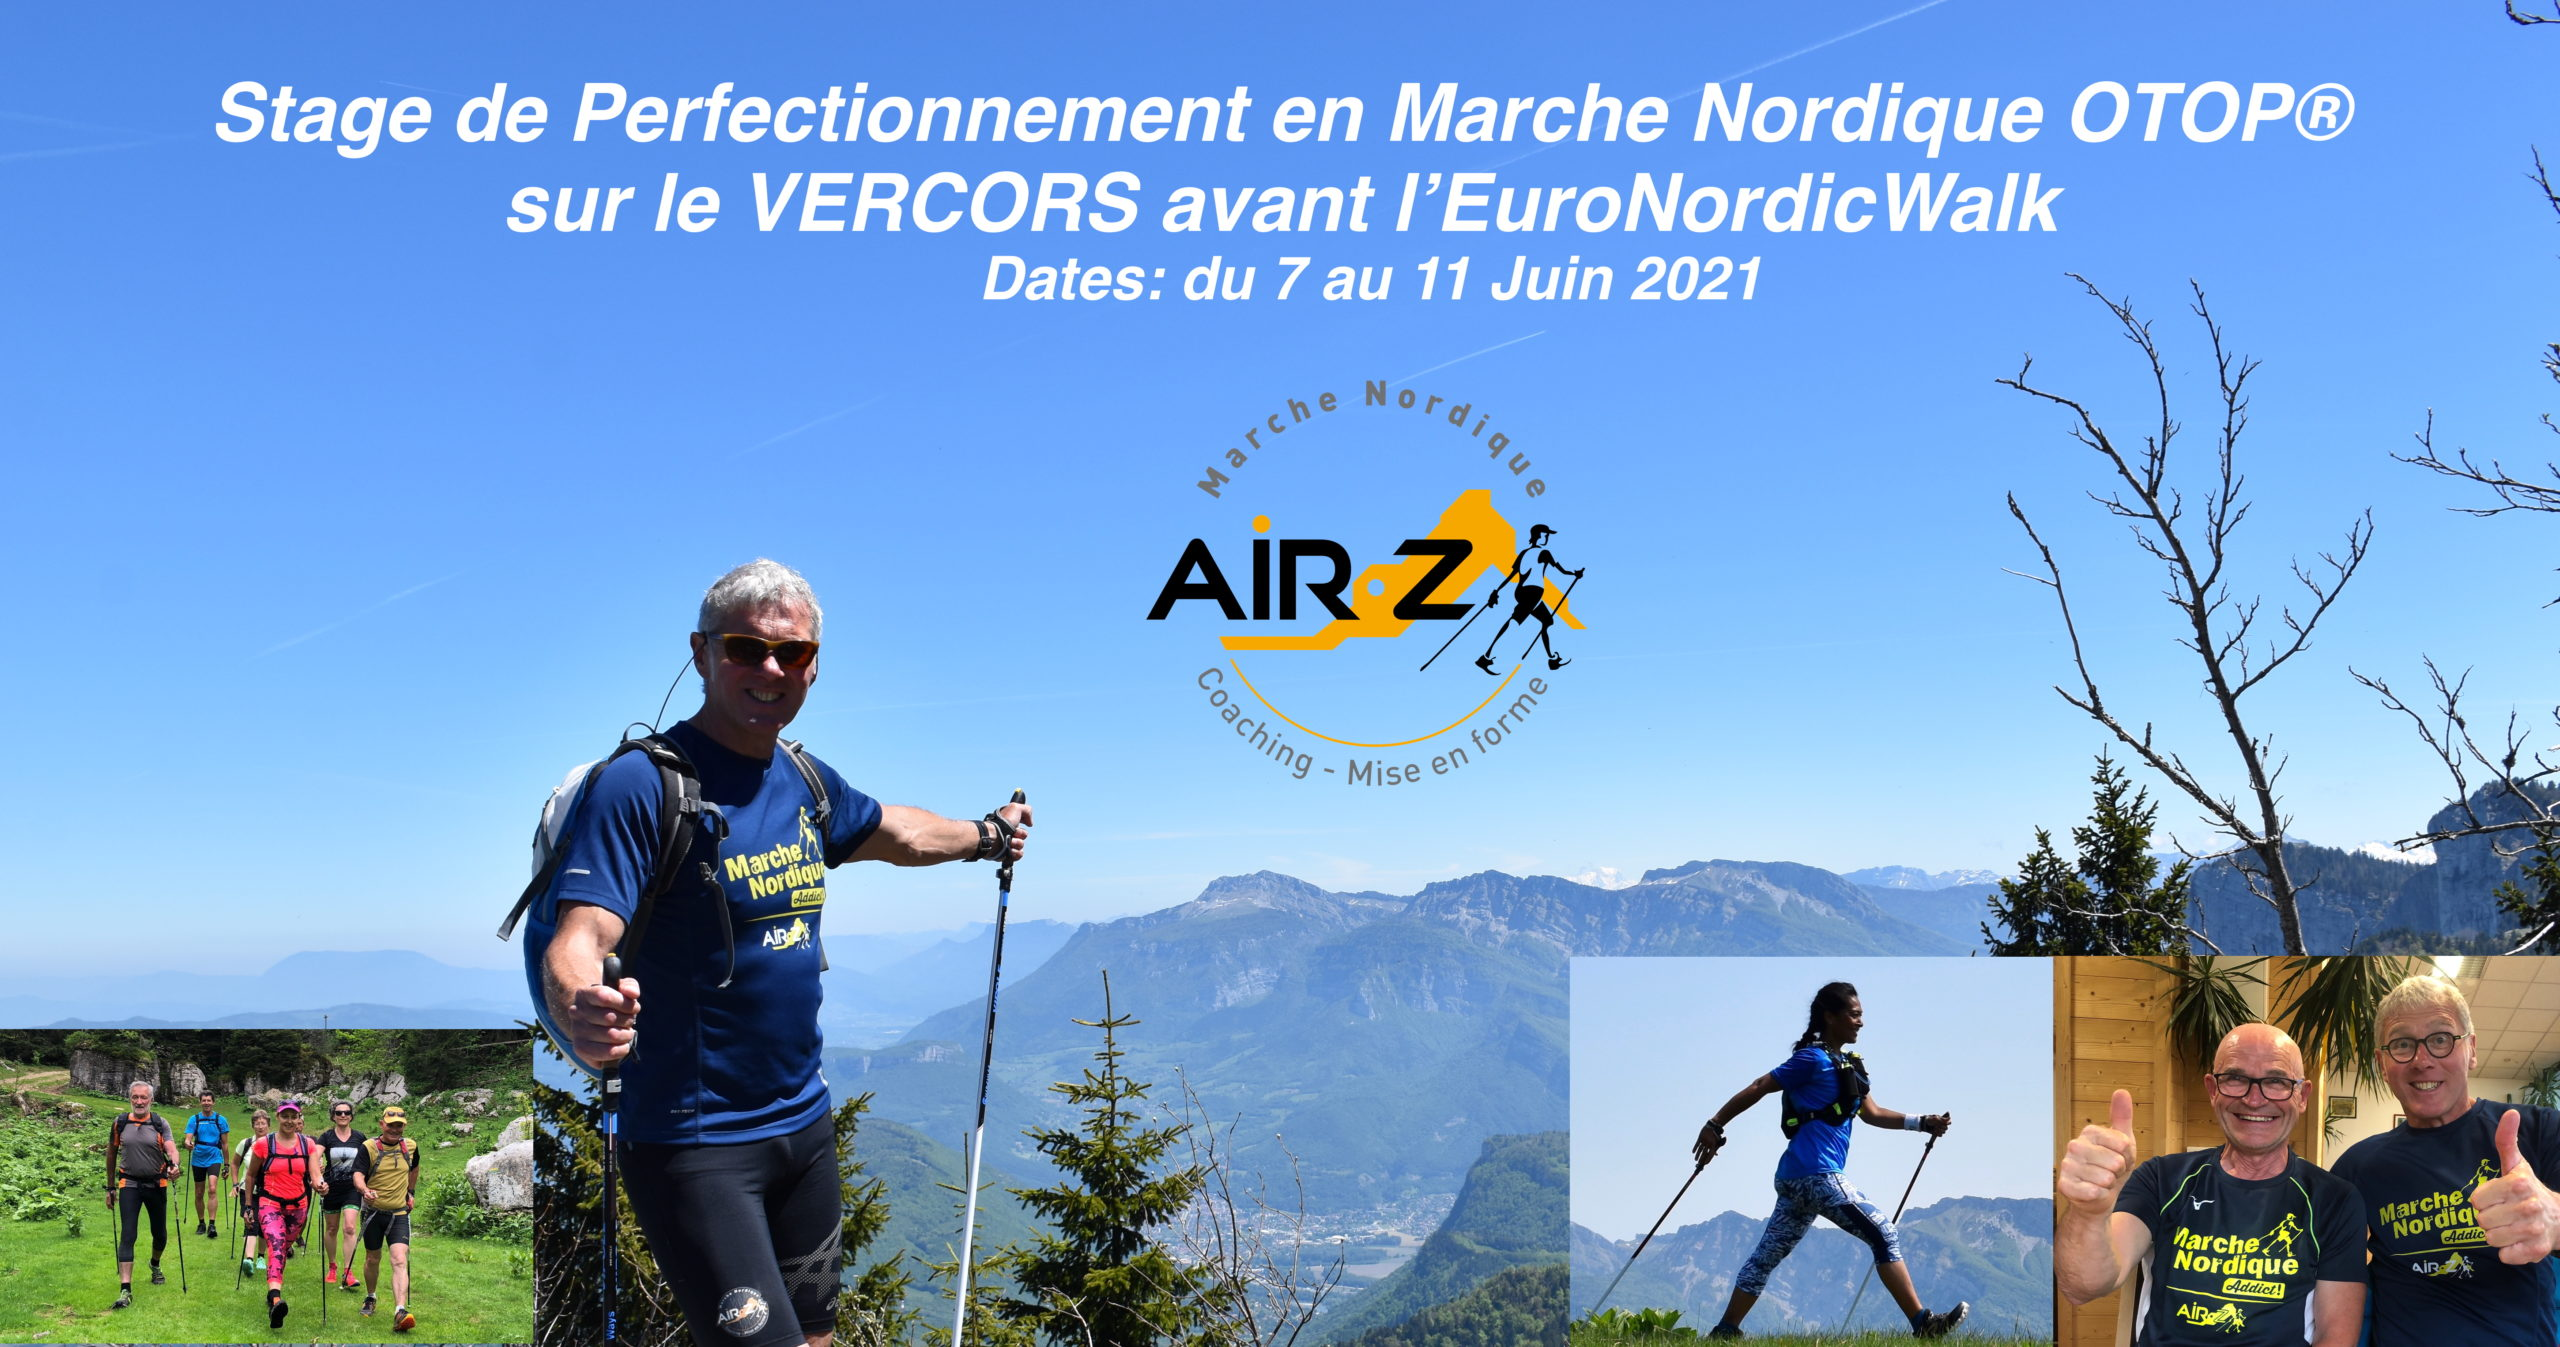 «VERCORS 2021…Le stage» Rendez-vous à Corrençon en Vercors cette année.